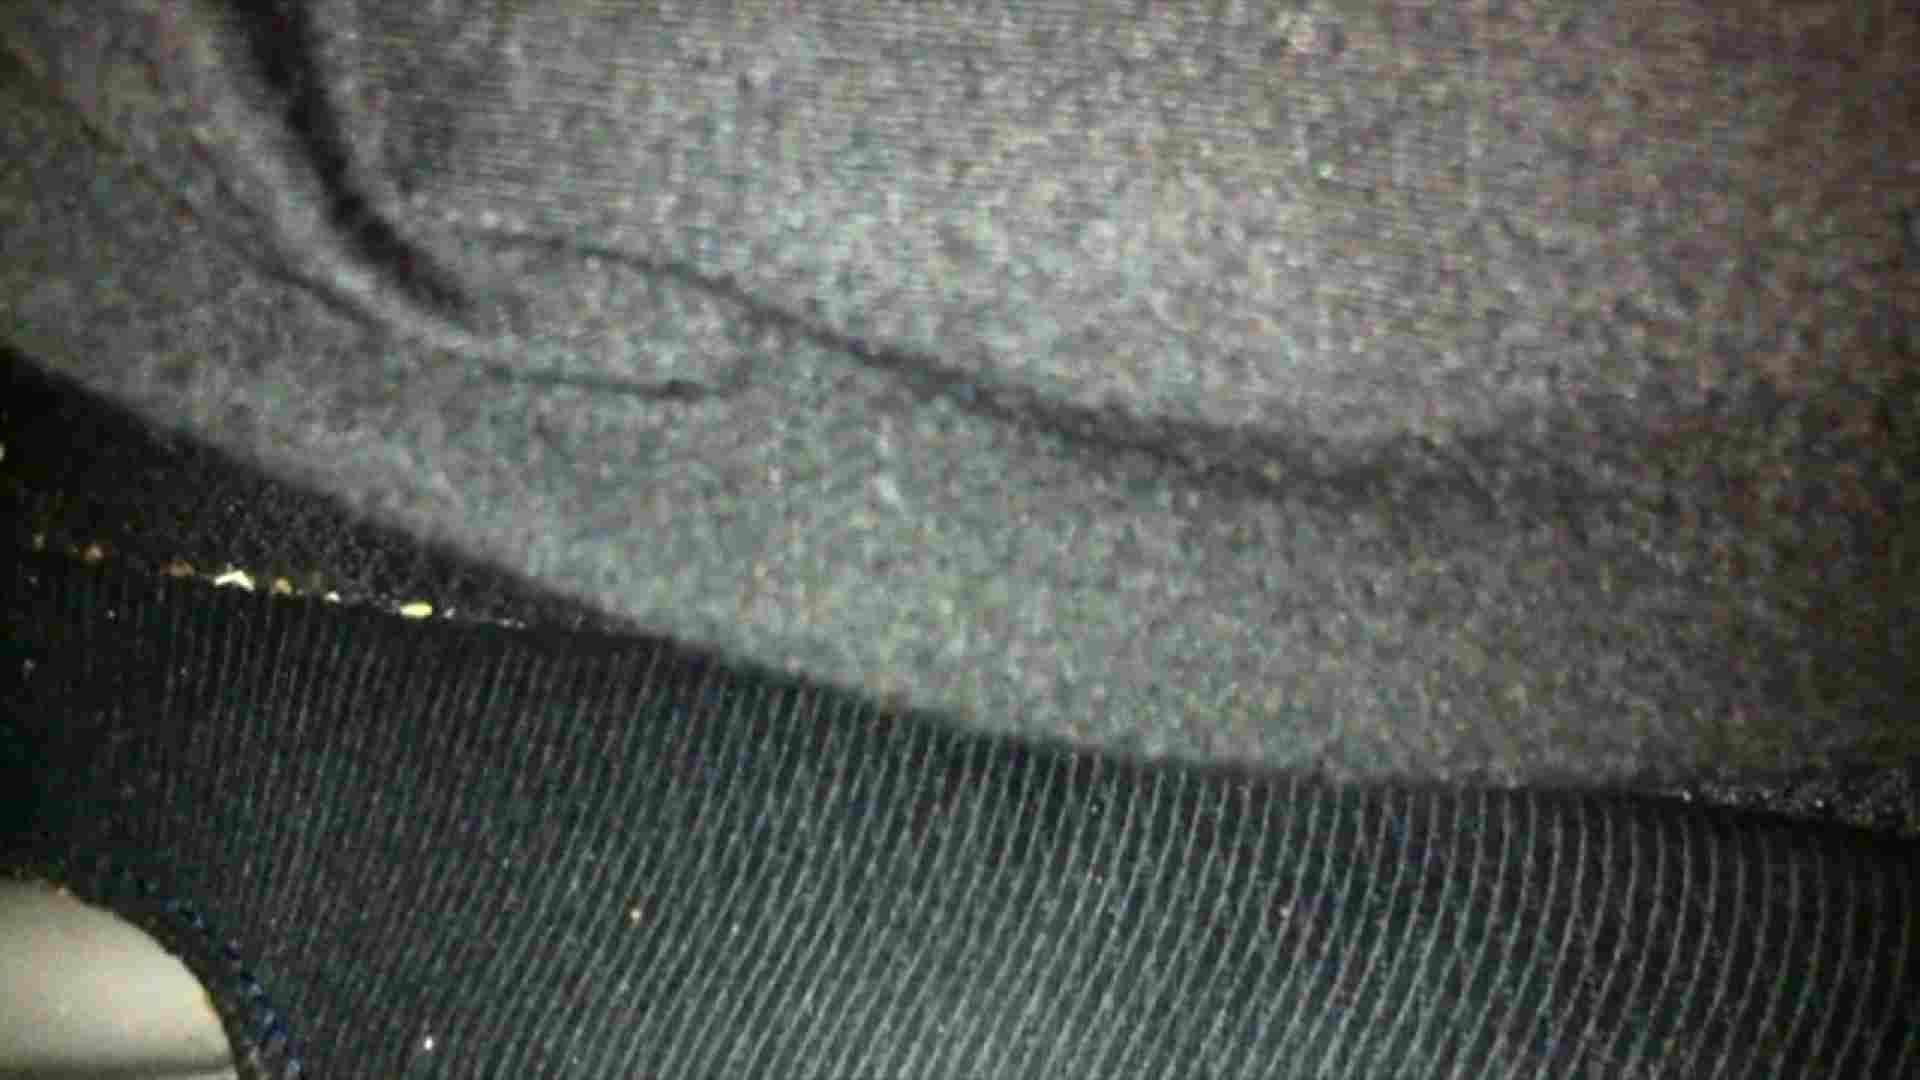 vol.22 【YHちゃん】パルコ店員20歳 mixiオフ会で 女子大生 エロ画像 69画像 29